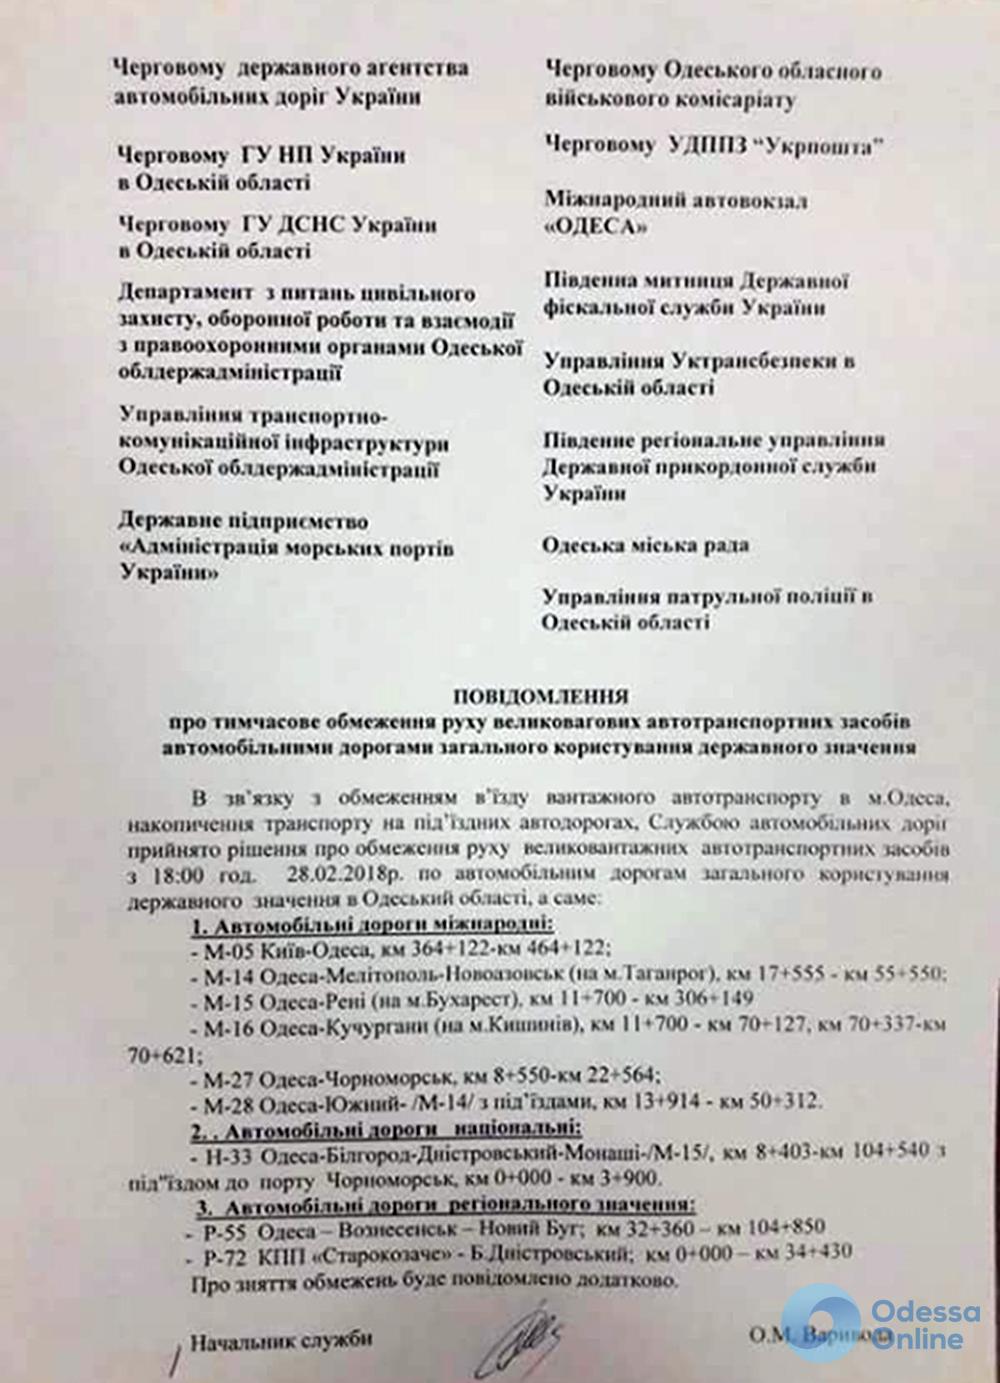 Метель: для грузовиков закрыли всю Одесскую область